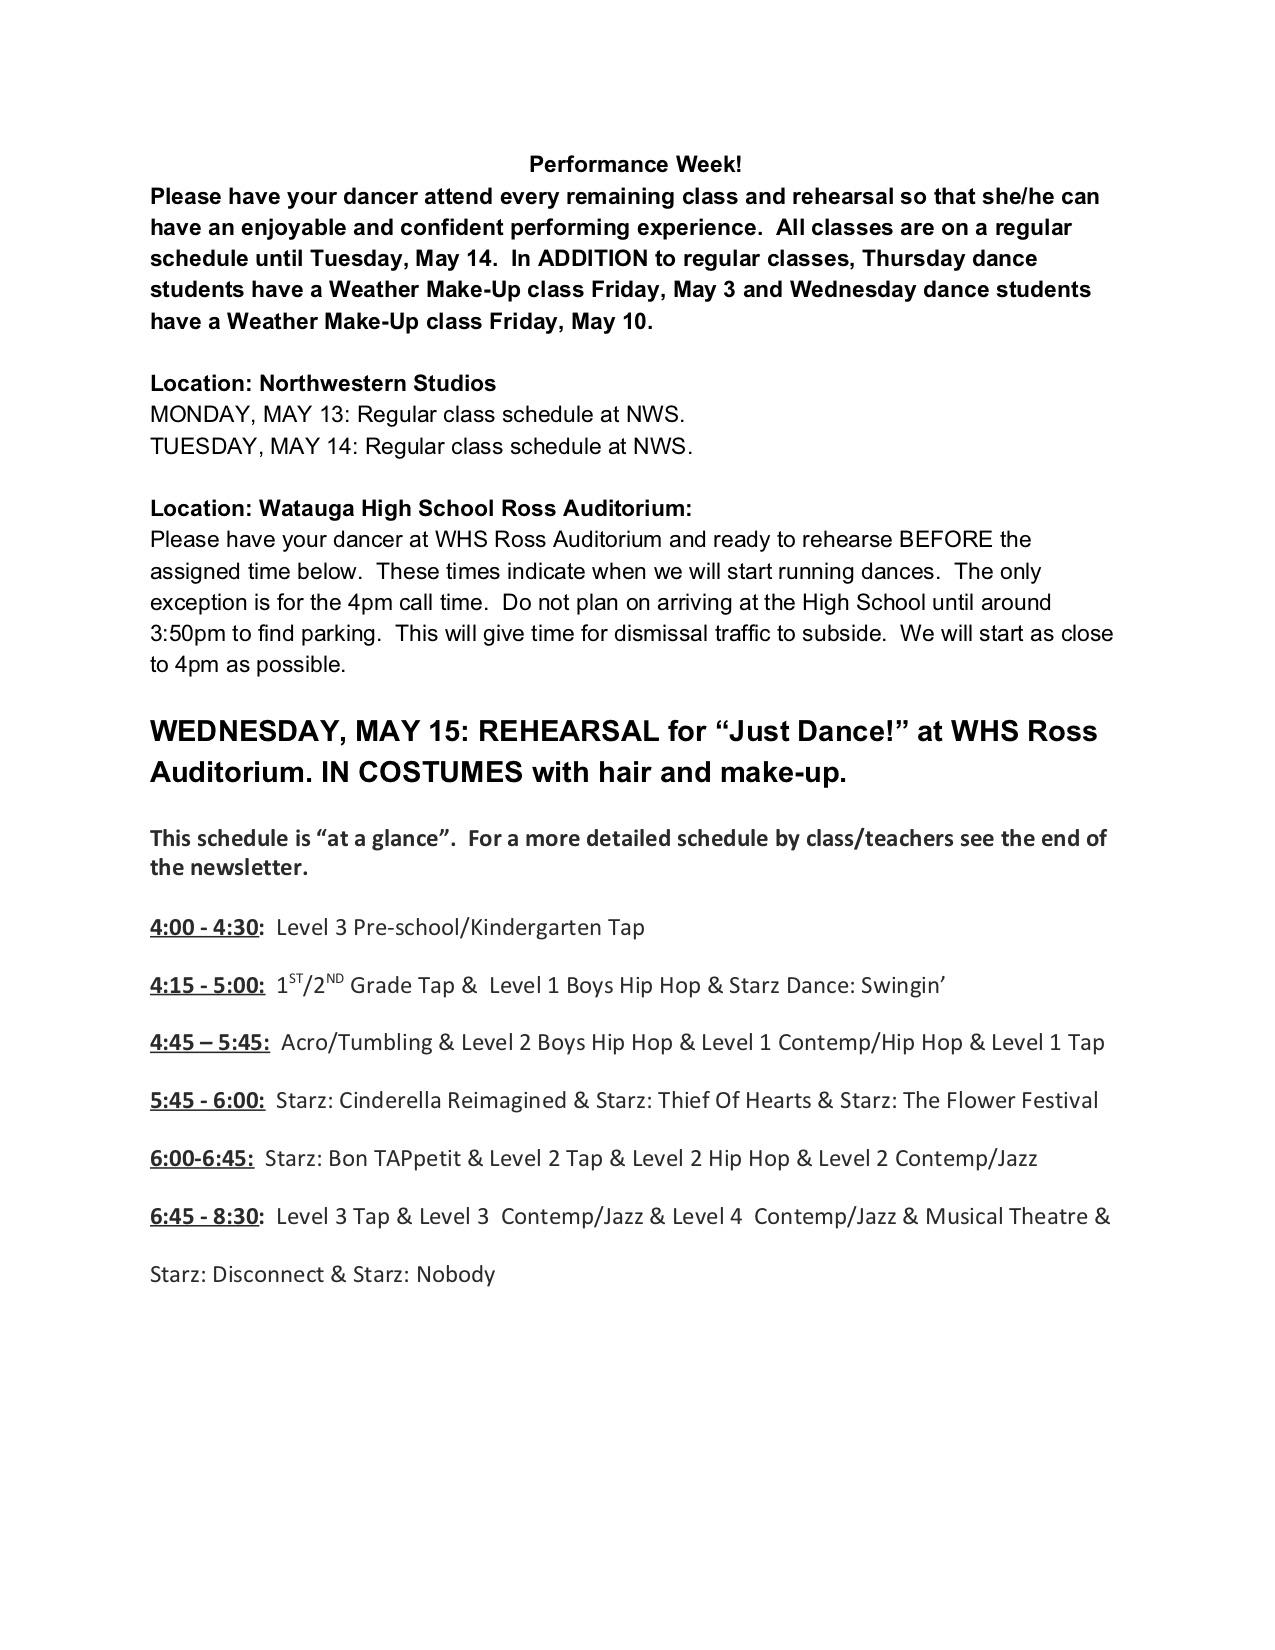 Performance Week Information pg 1.jpg